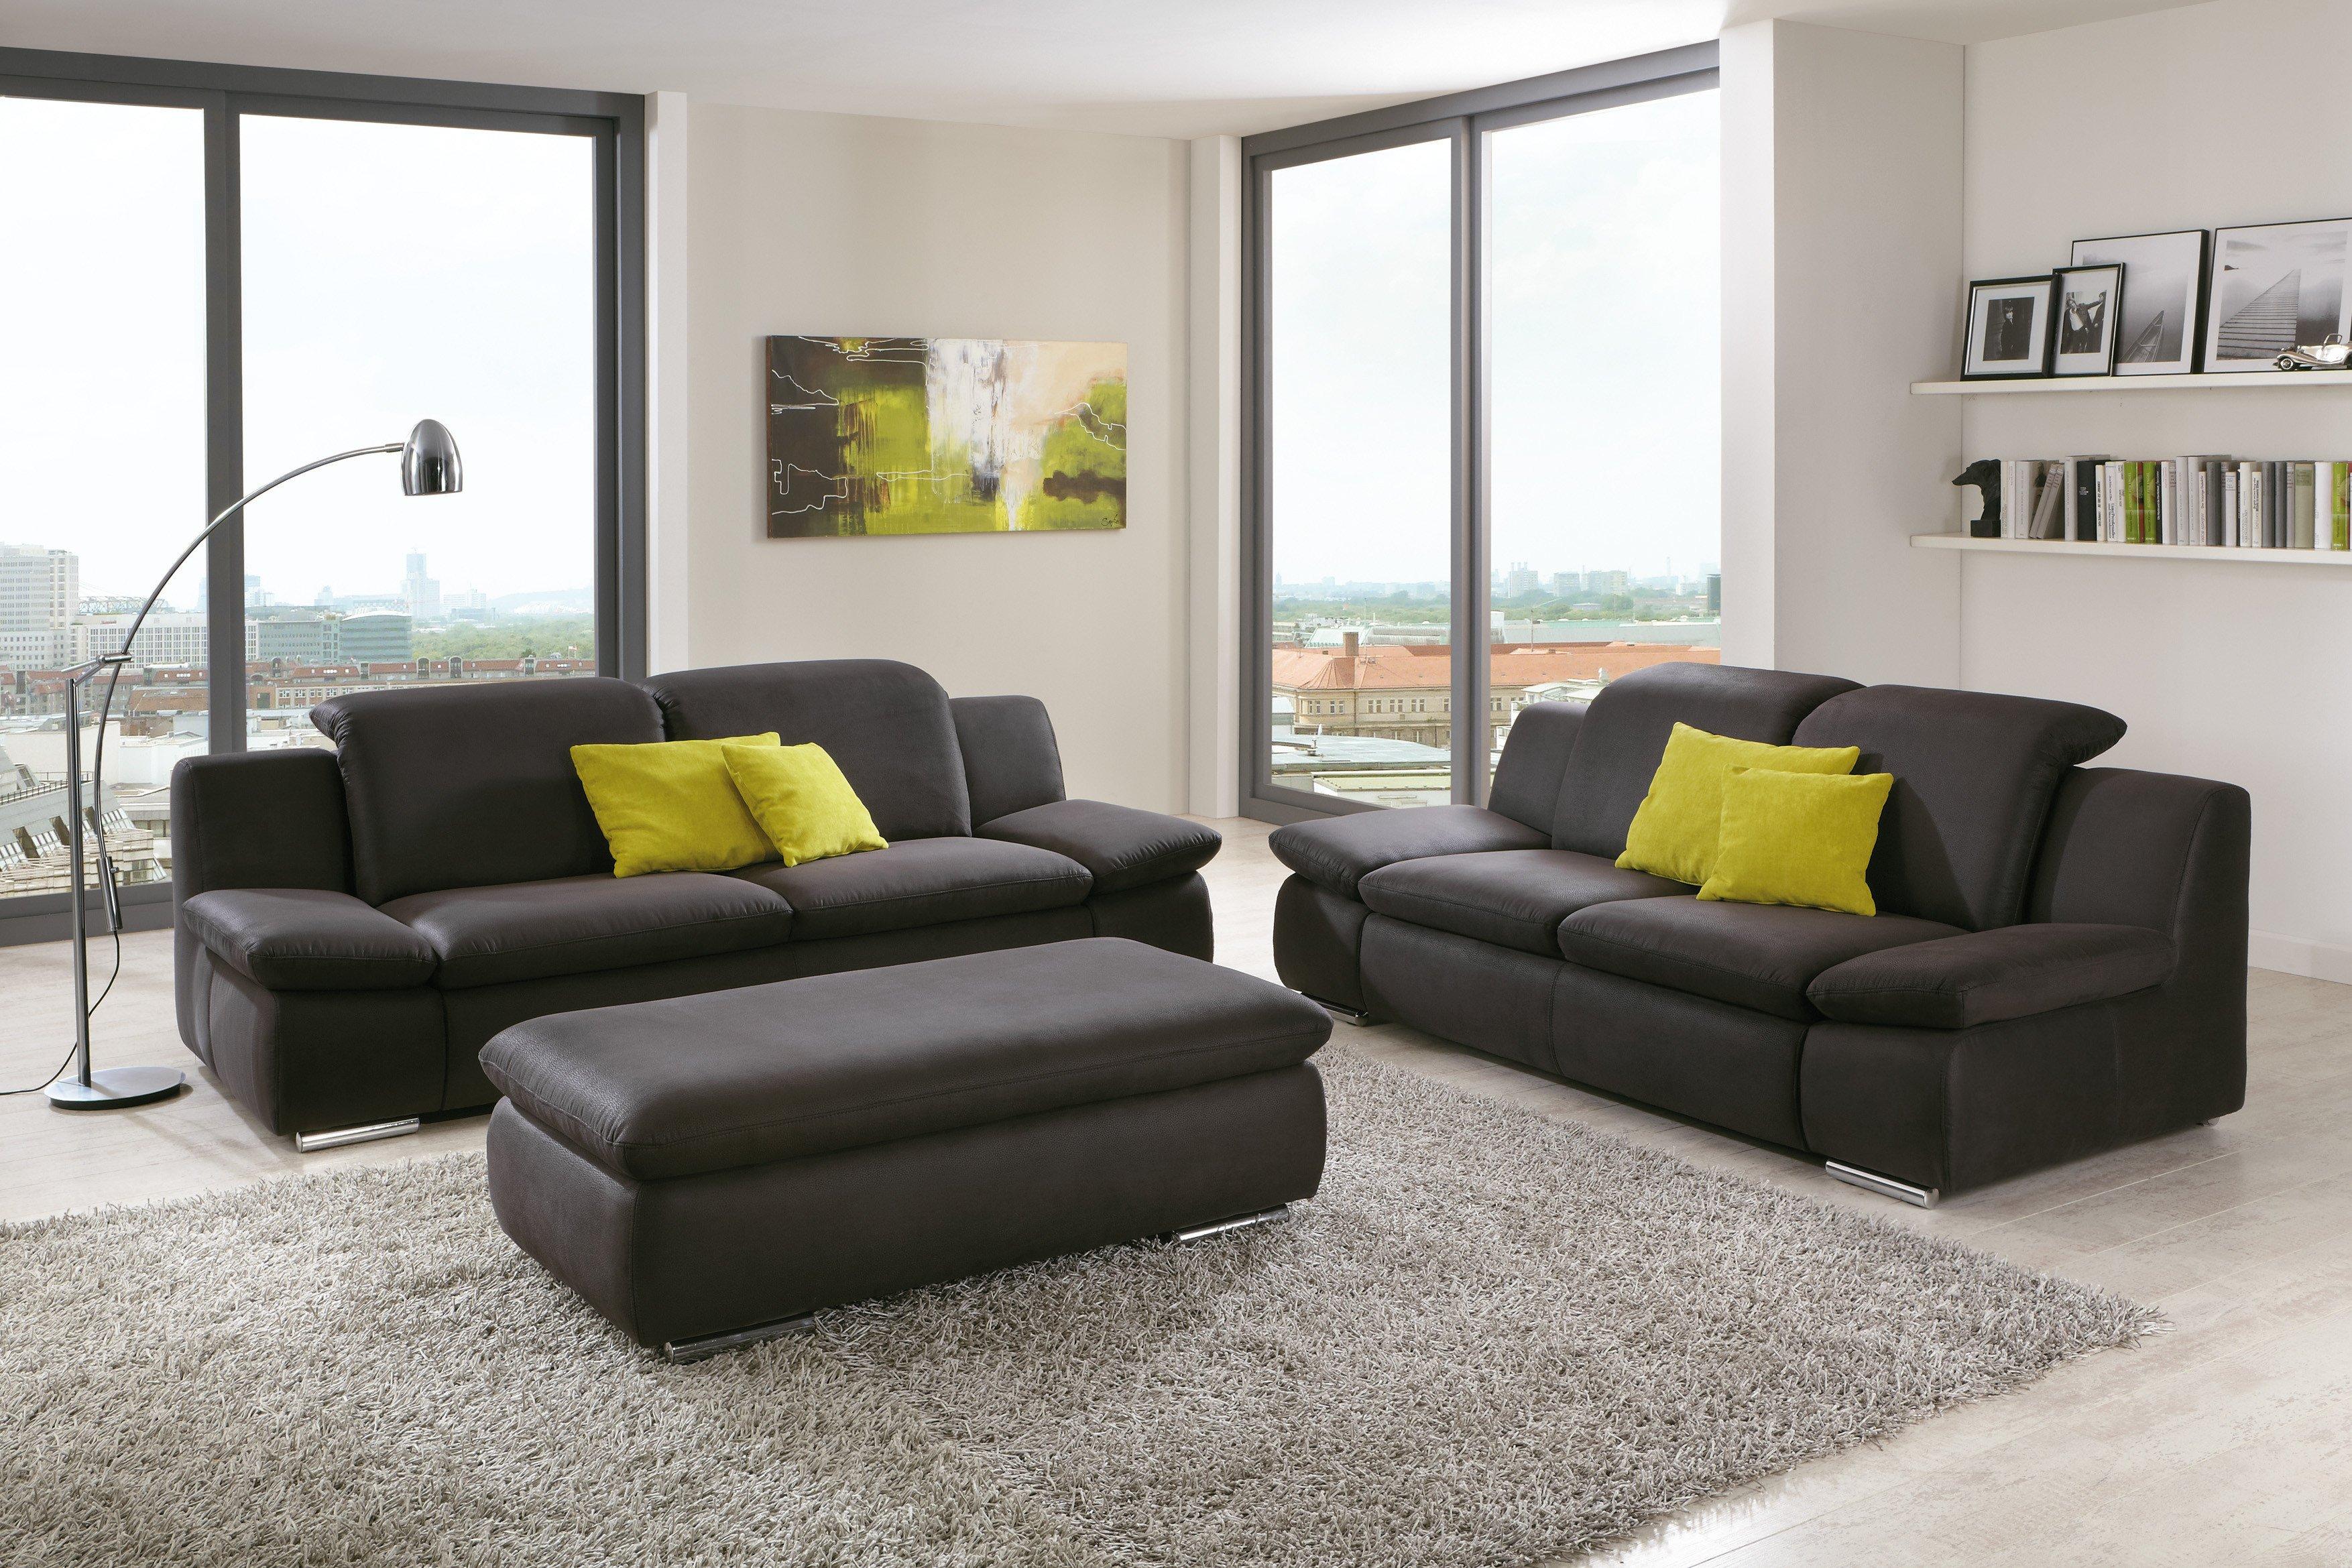 isona von poco polstergarnitur anthrazit polsterm bel. Black Bedroom Furniture Sets. Home Design Ideas